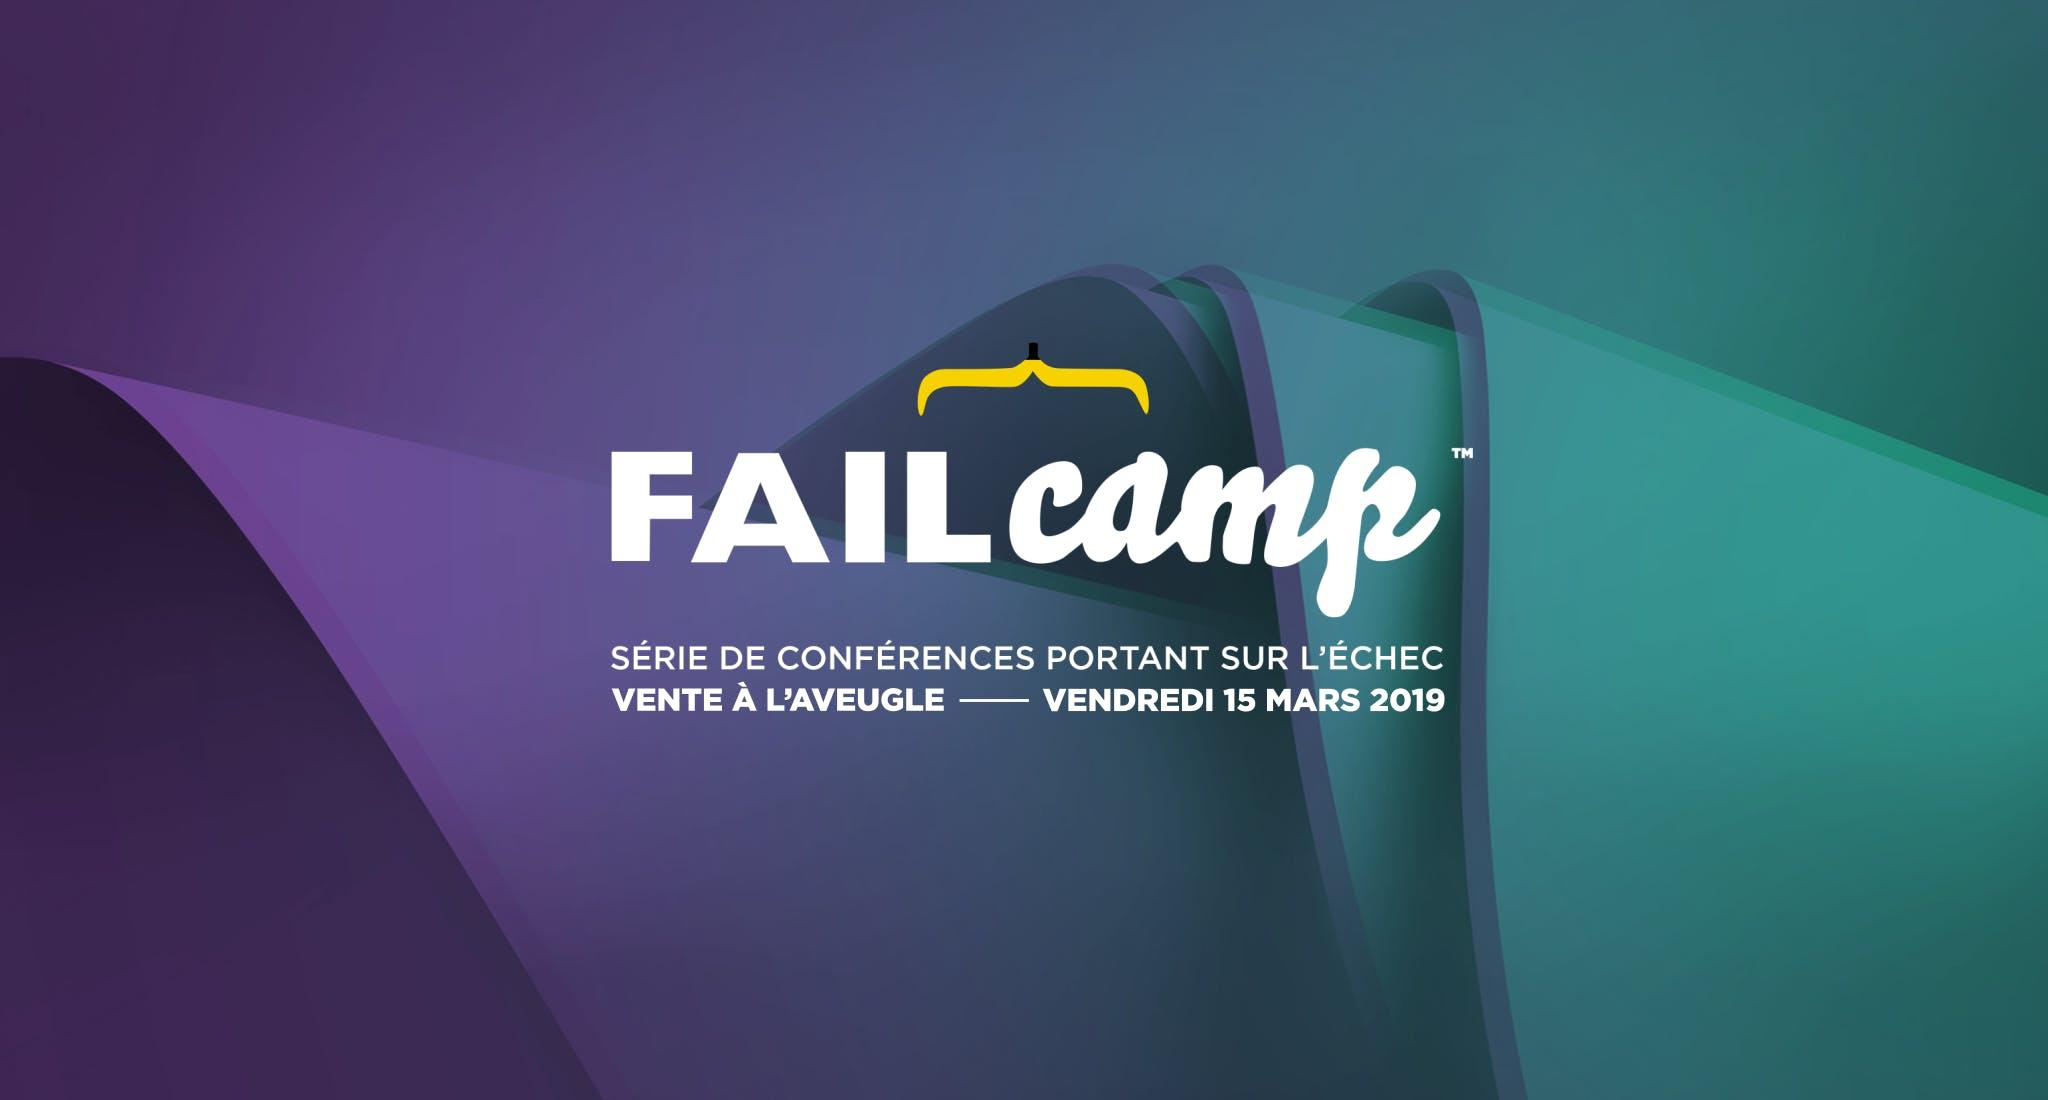 FailCamp MTL 2019